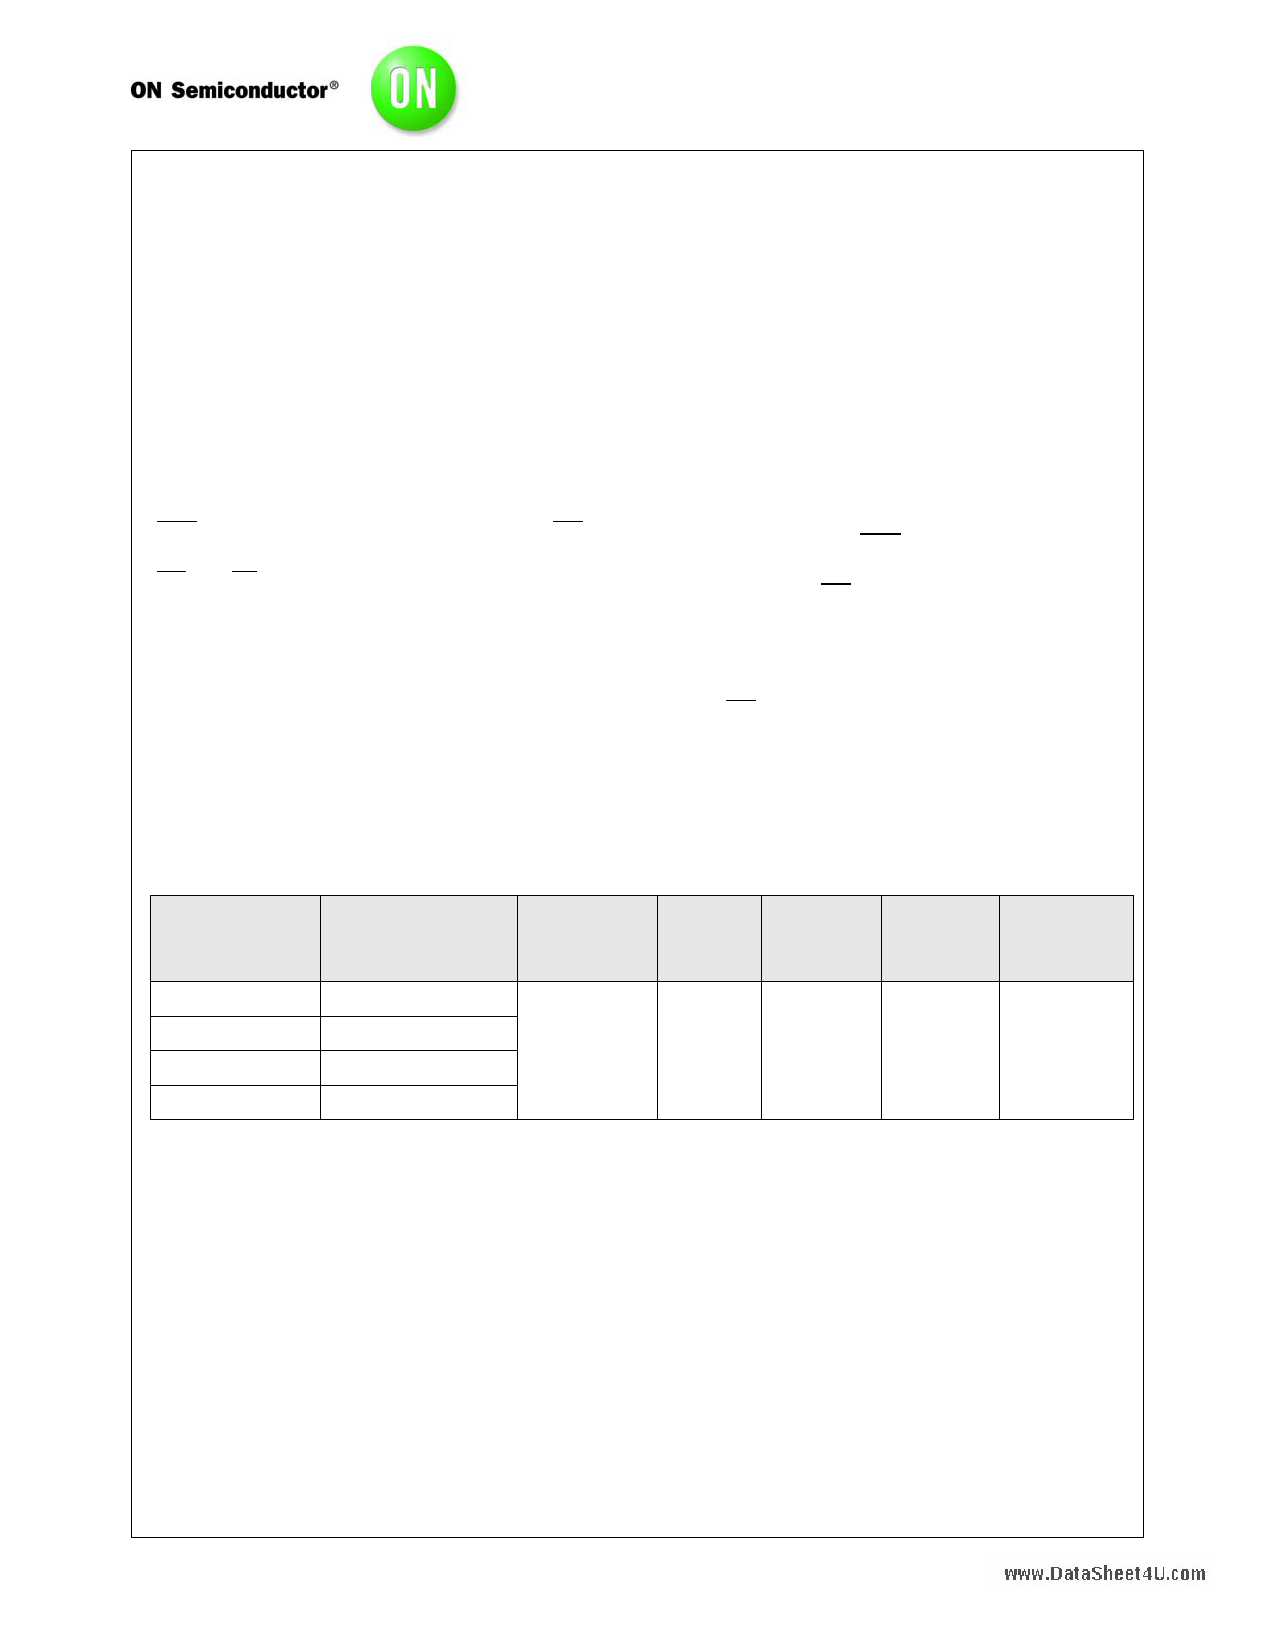 N02L63W2A даташит PDF